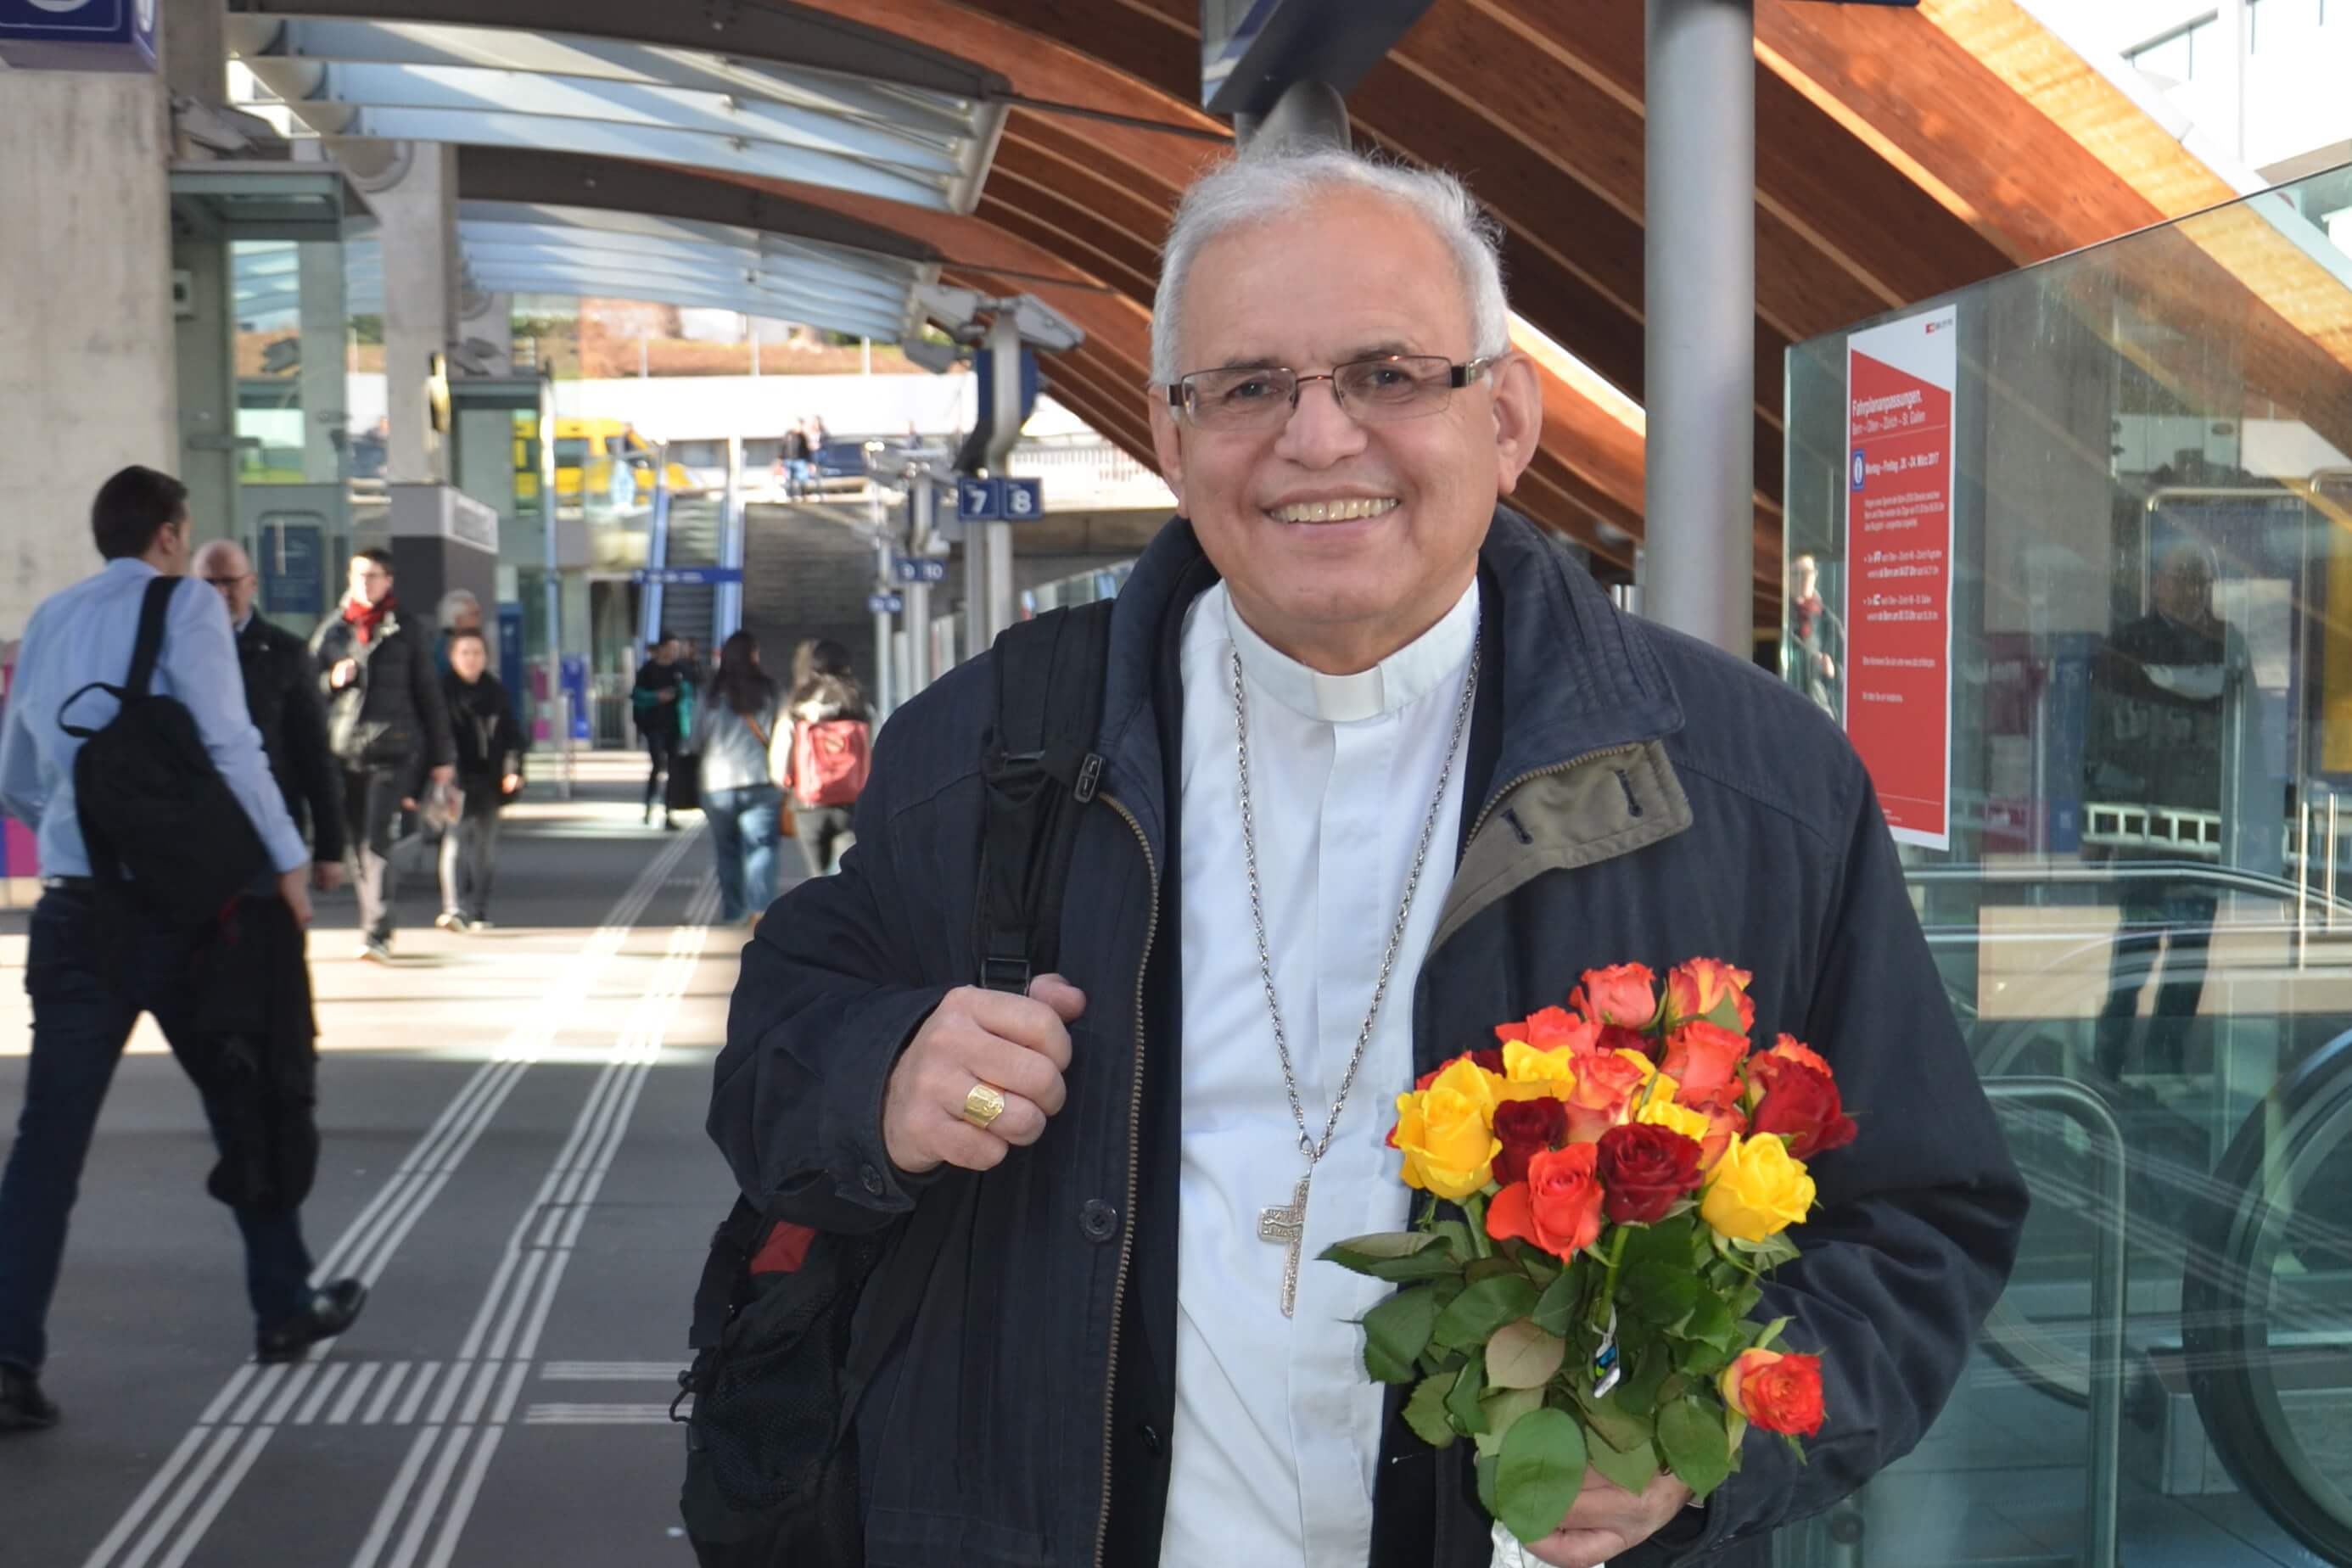 Bischof Alvaro Ramazzini, der unermüdliche Kämpfer für die Menschenrechte zu Besuch in Bern. Bild: Colette Kalt/ Fastenopfer